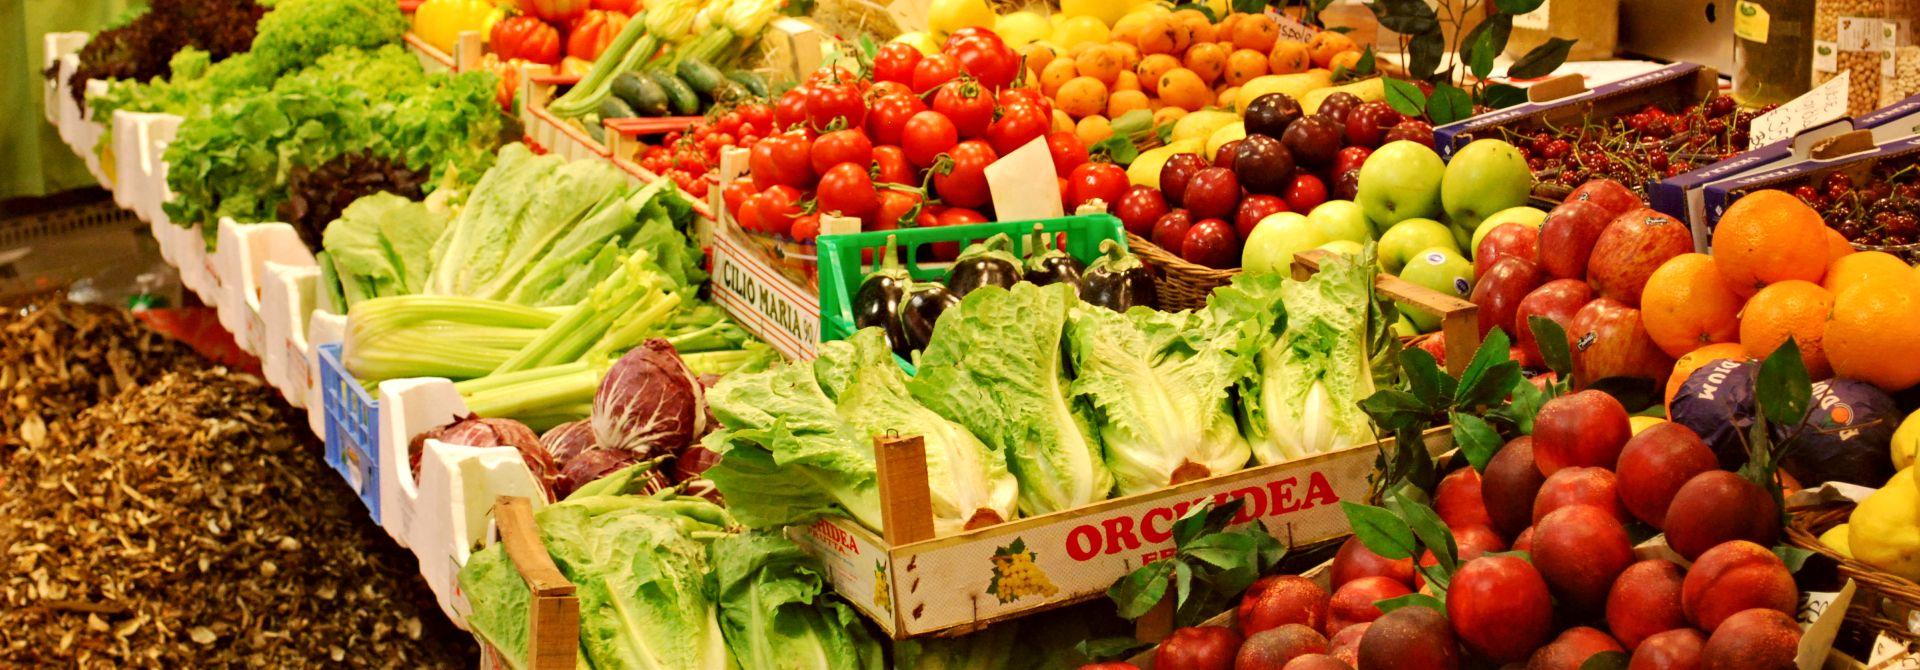 Florence Food Market Hero